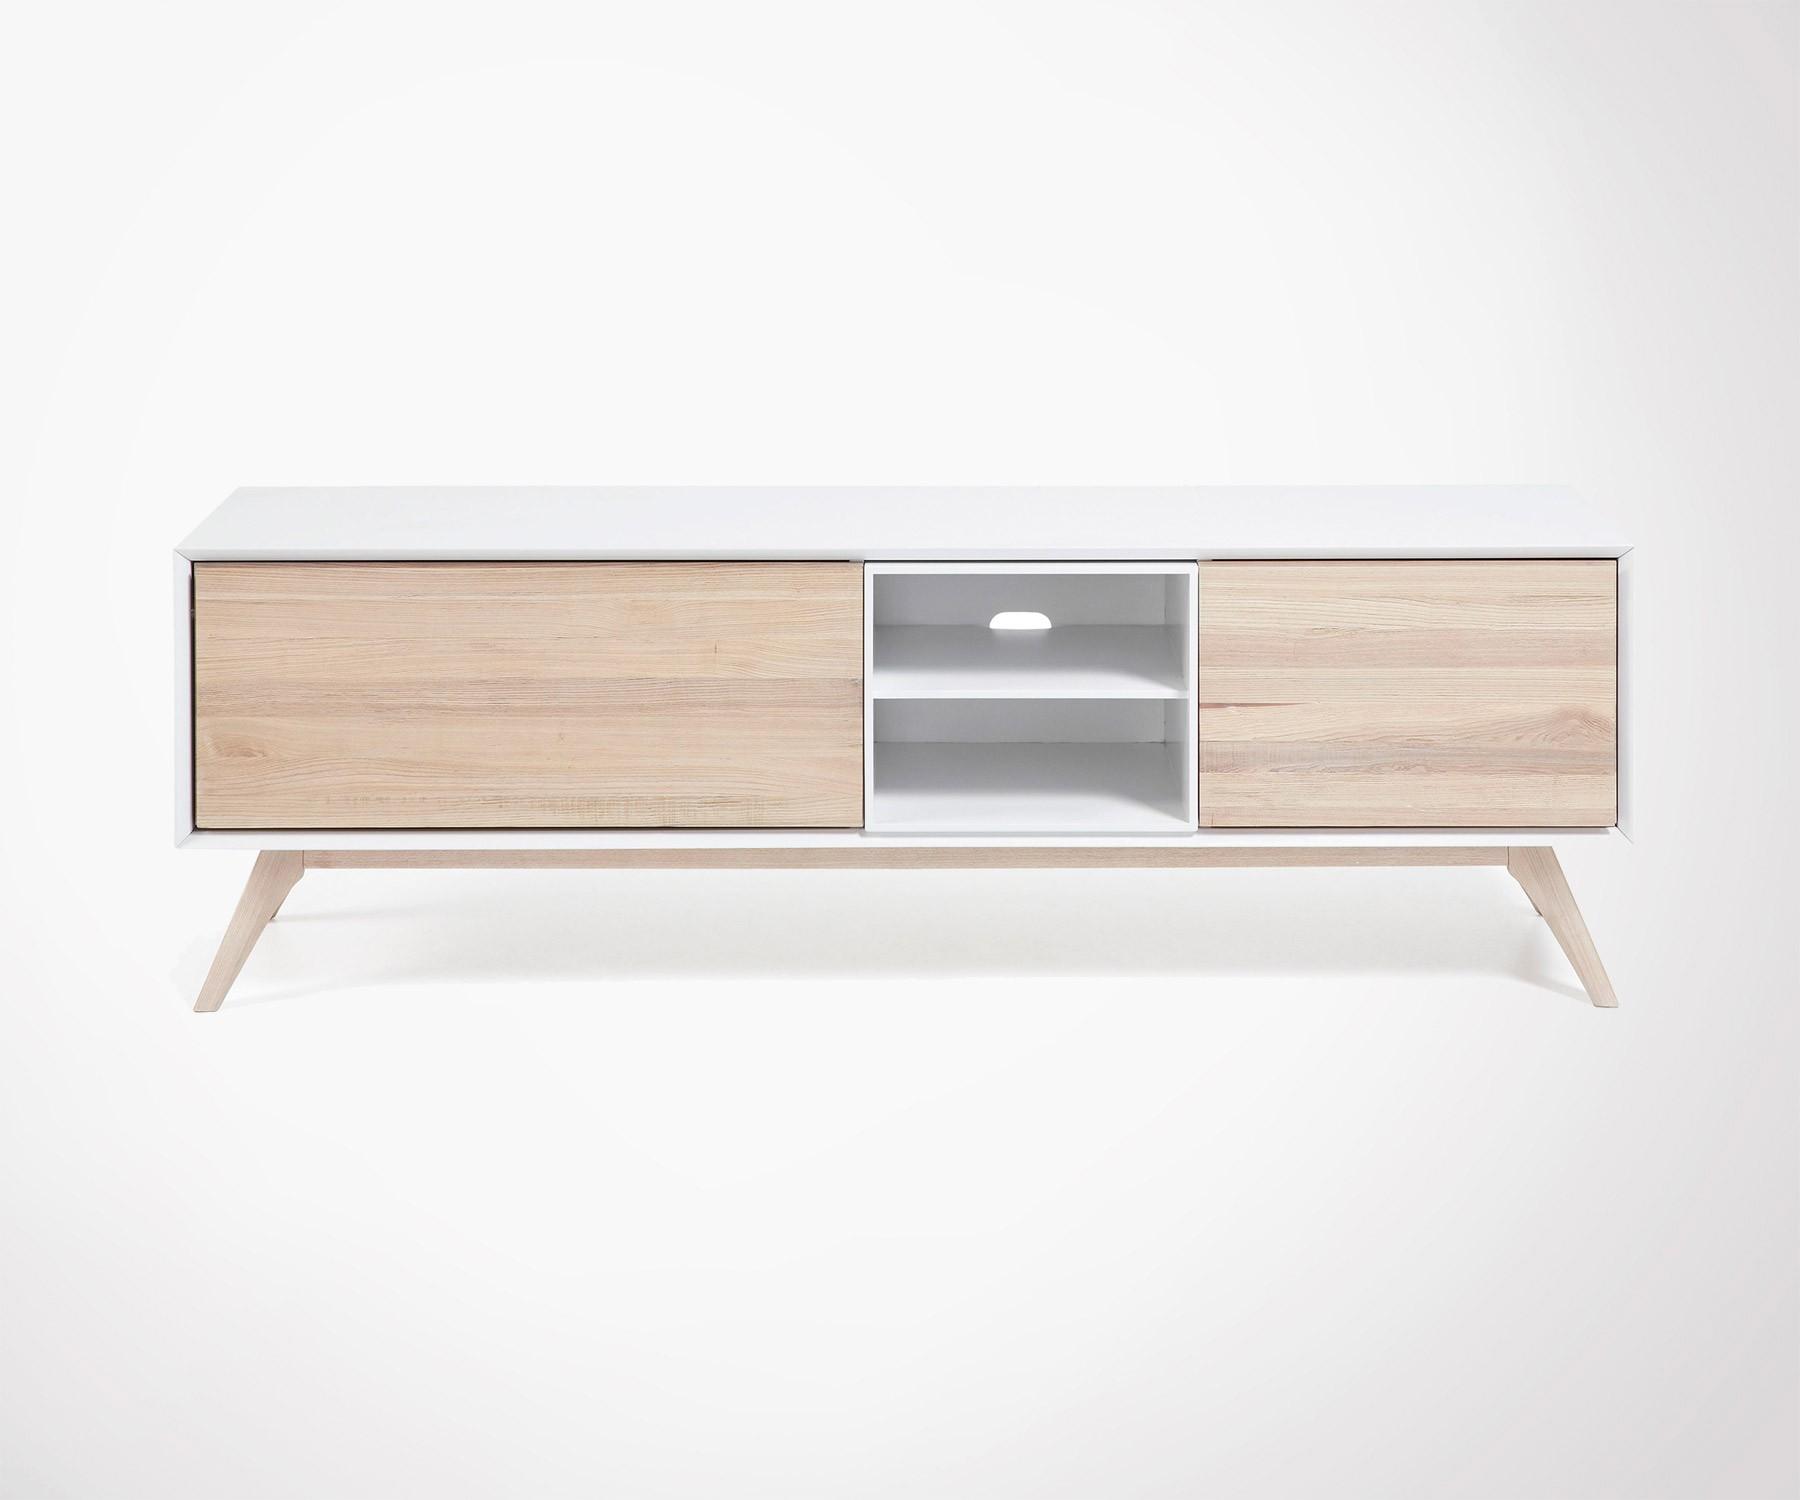 meuble scandinave pas cher meubles de design d 39 inspiration pour la t l vision et. Black Bedroom Furniture Sets. Home Design Ideas